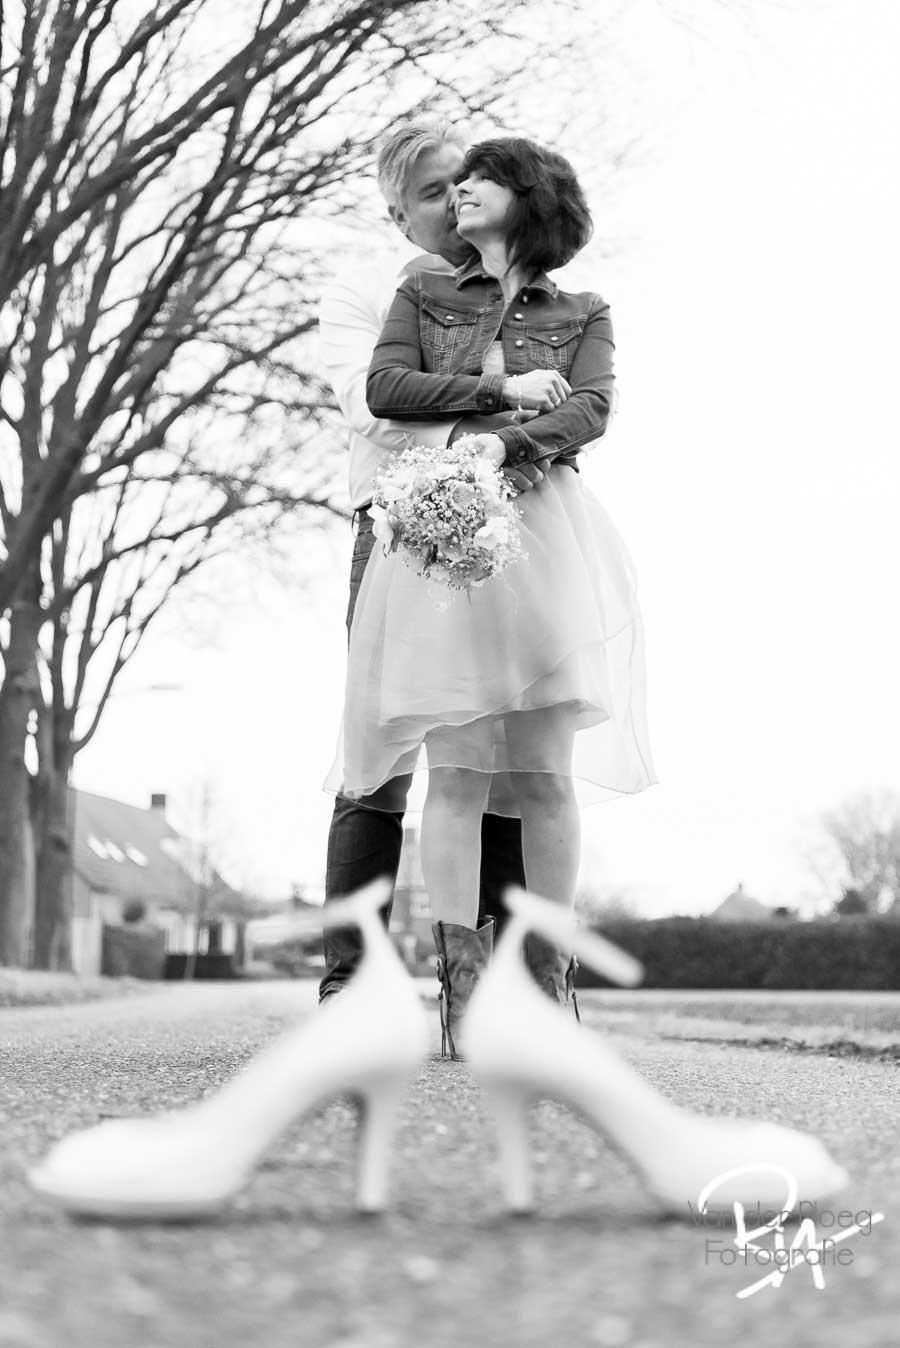 Huwelijksfotografie huwelijksfotograaf fotograaf maarheeze